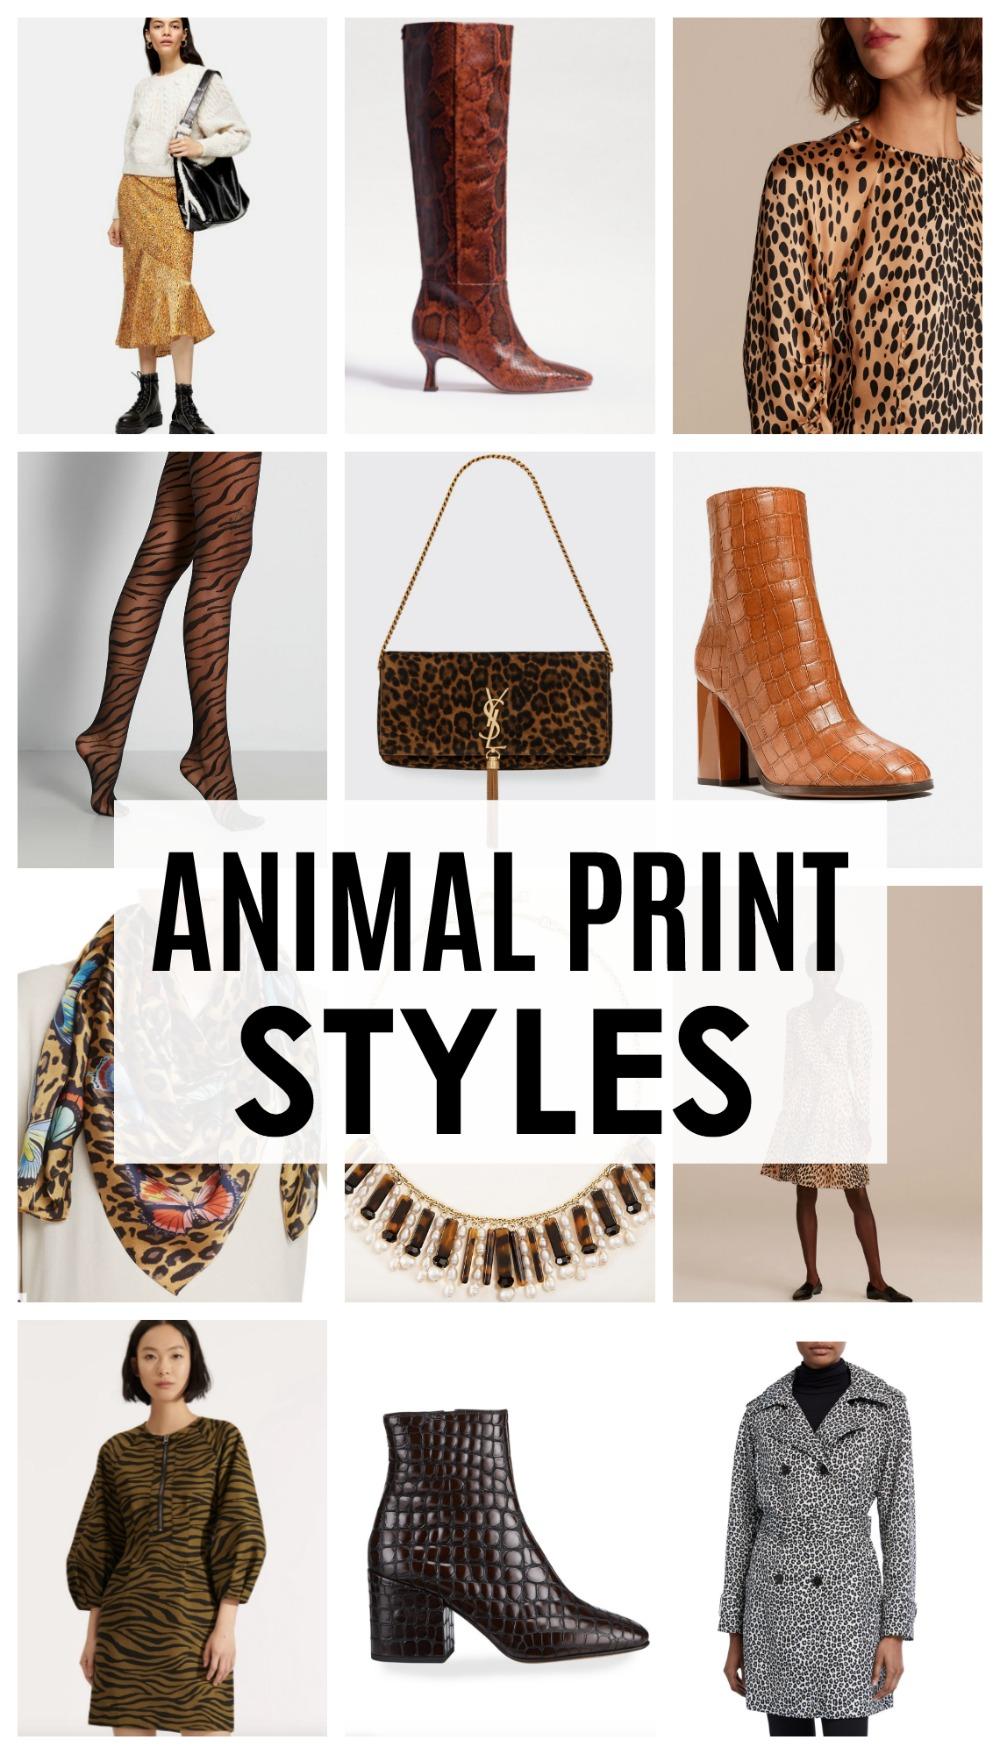 Fall 2020 Animal Print Styles to Rock This Season I DreaminLace.com #FallFashion #Fashionista #WomensFashion #Womenswear #Fashionable